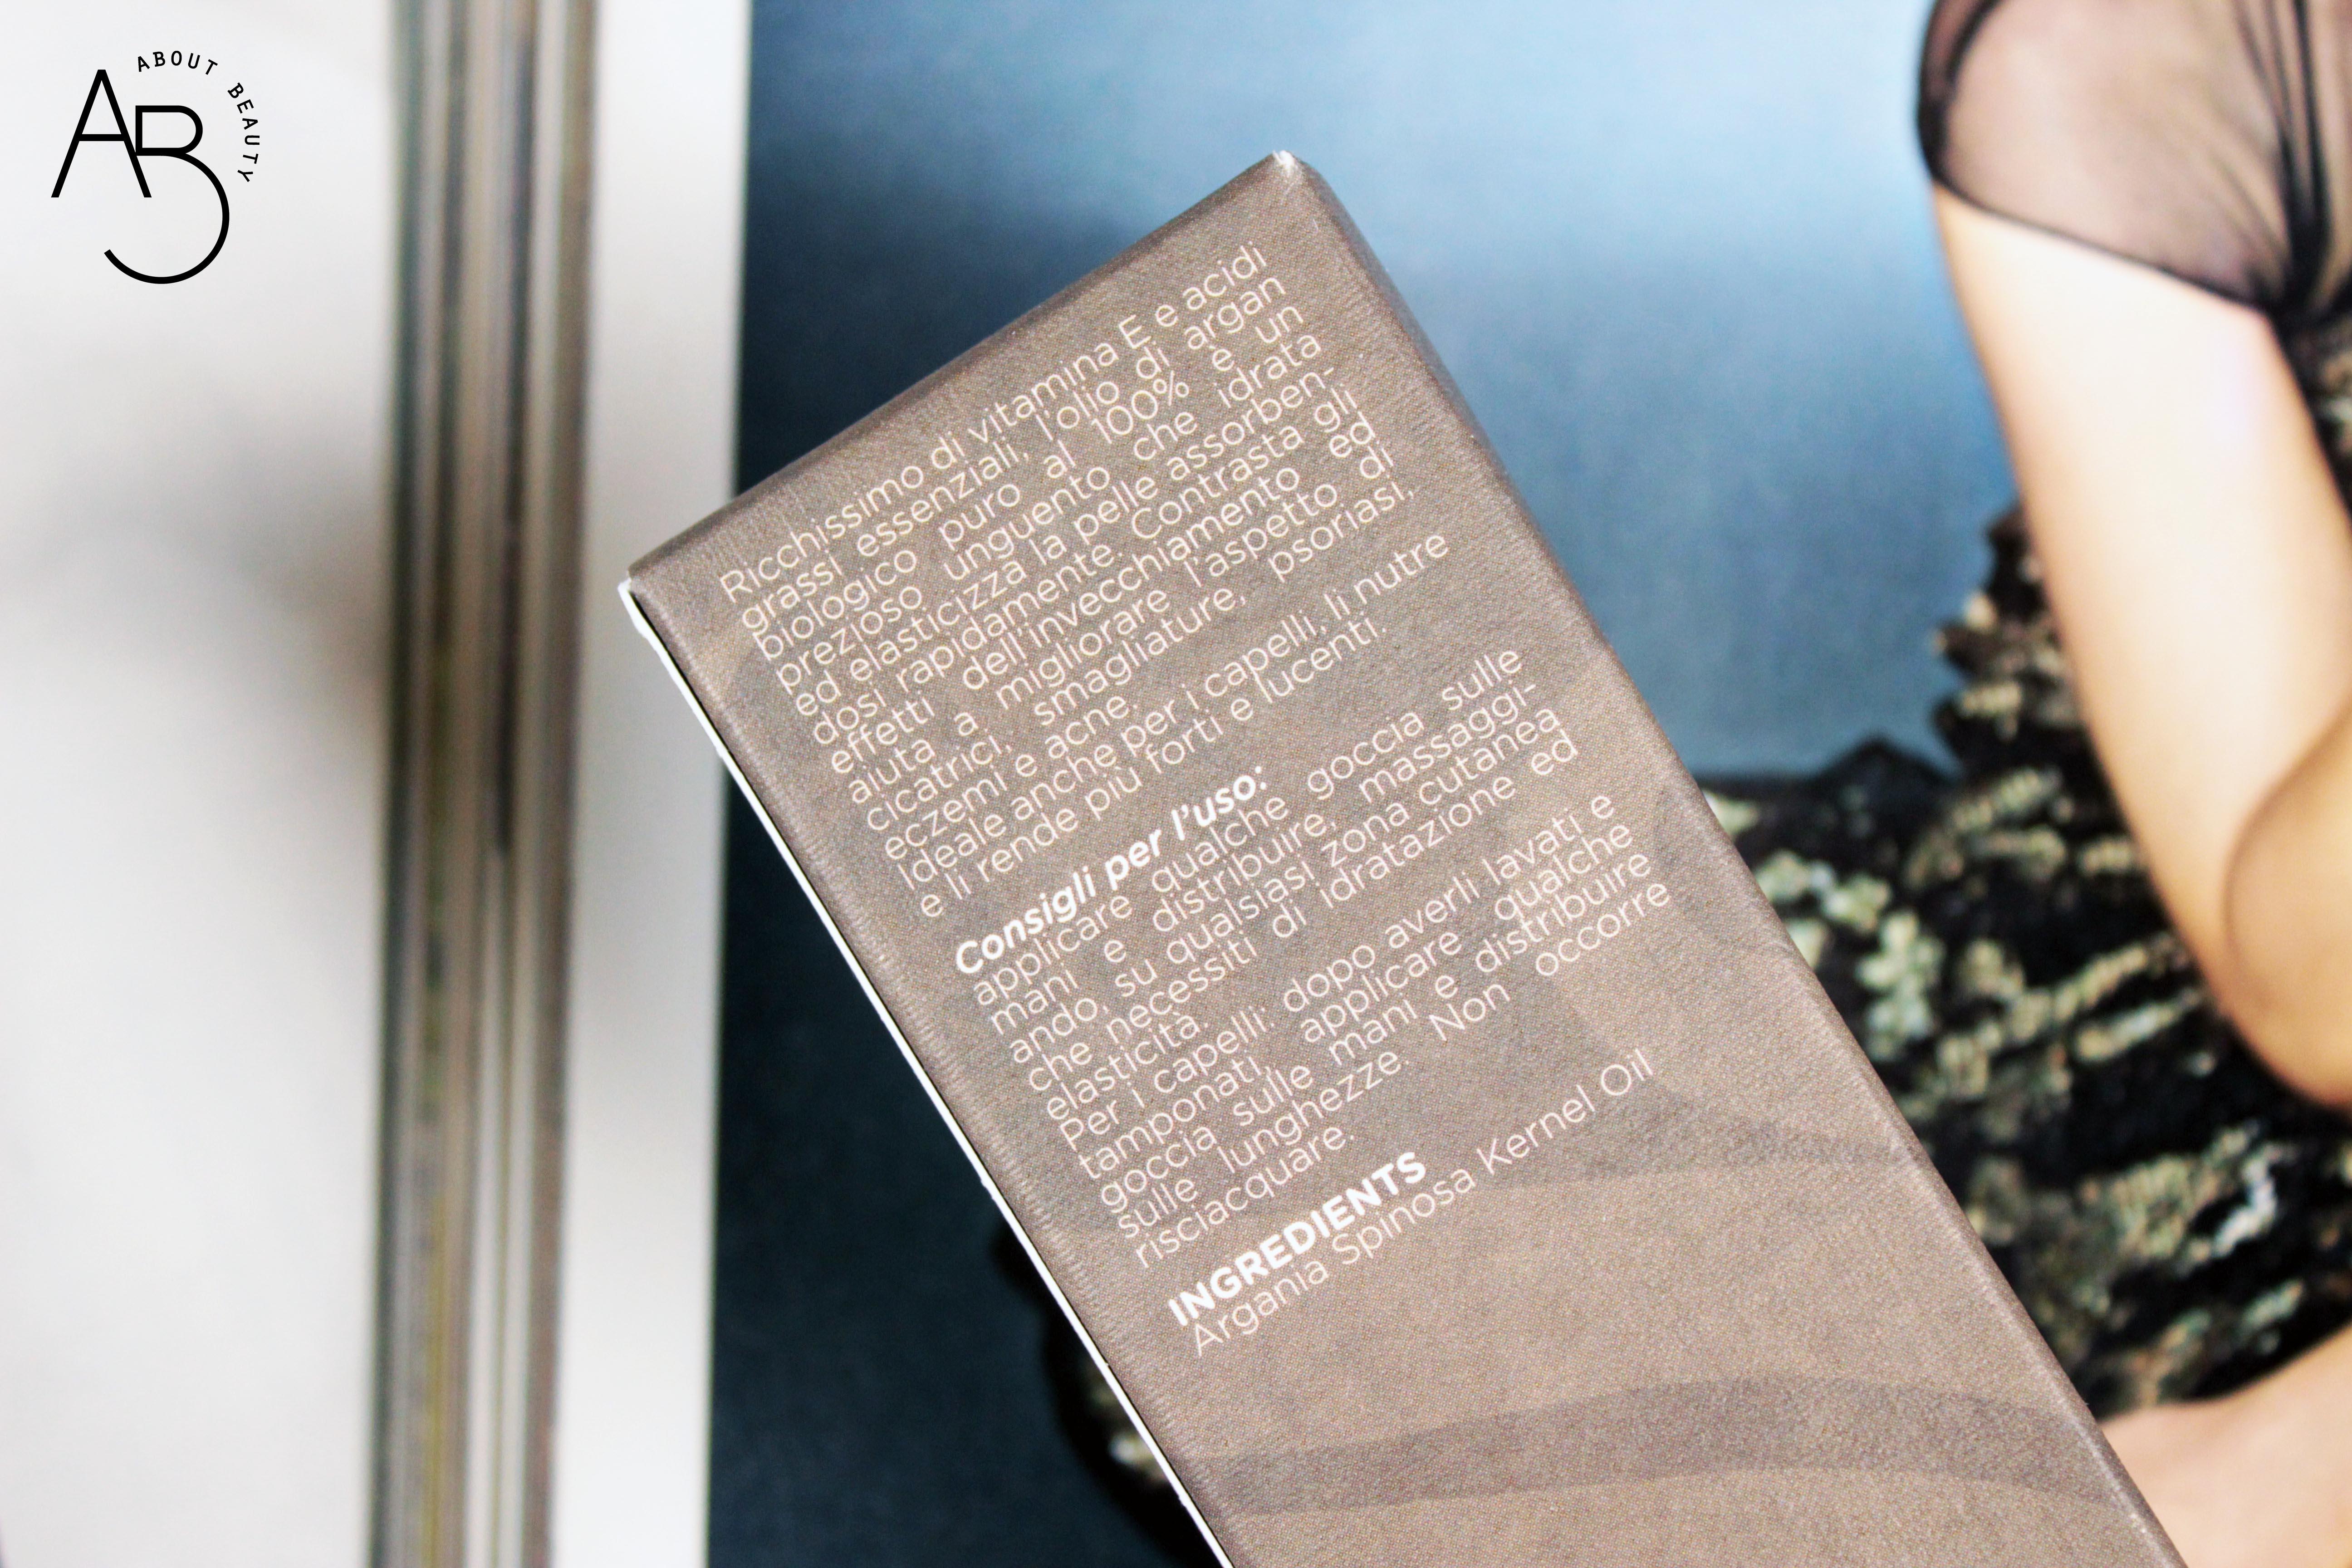 Argasens, olio di argan biologico puro e crema viso alla bava di lumaca - Recensione, info, review, prezzo, dove acquistare, inci